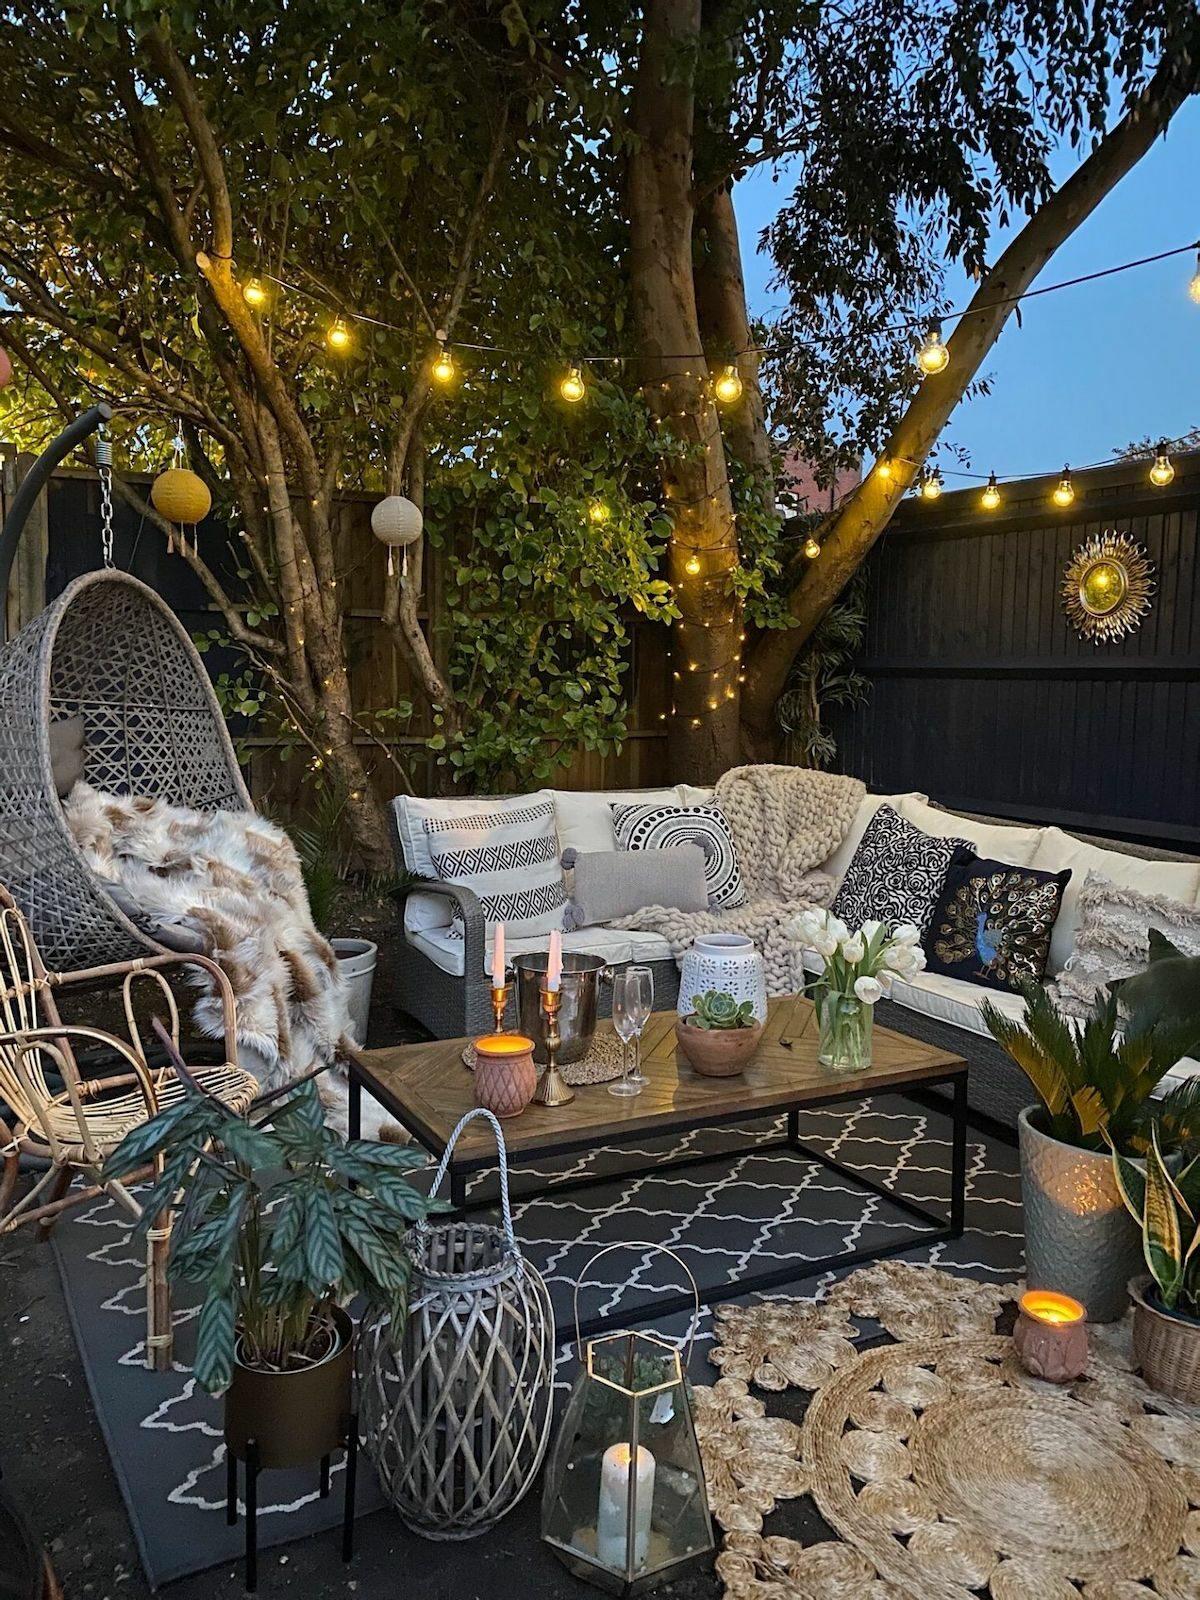 salon bohème noir et blanc chic élégant moderne tapis osier rond lanterne